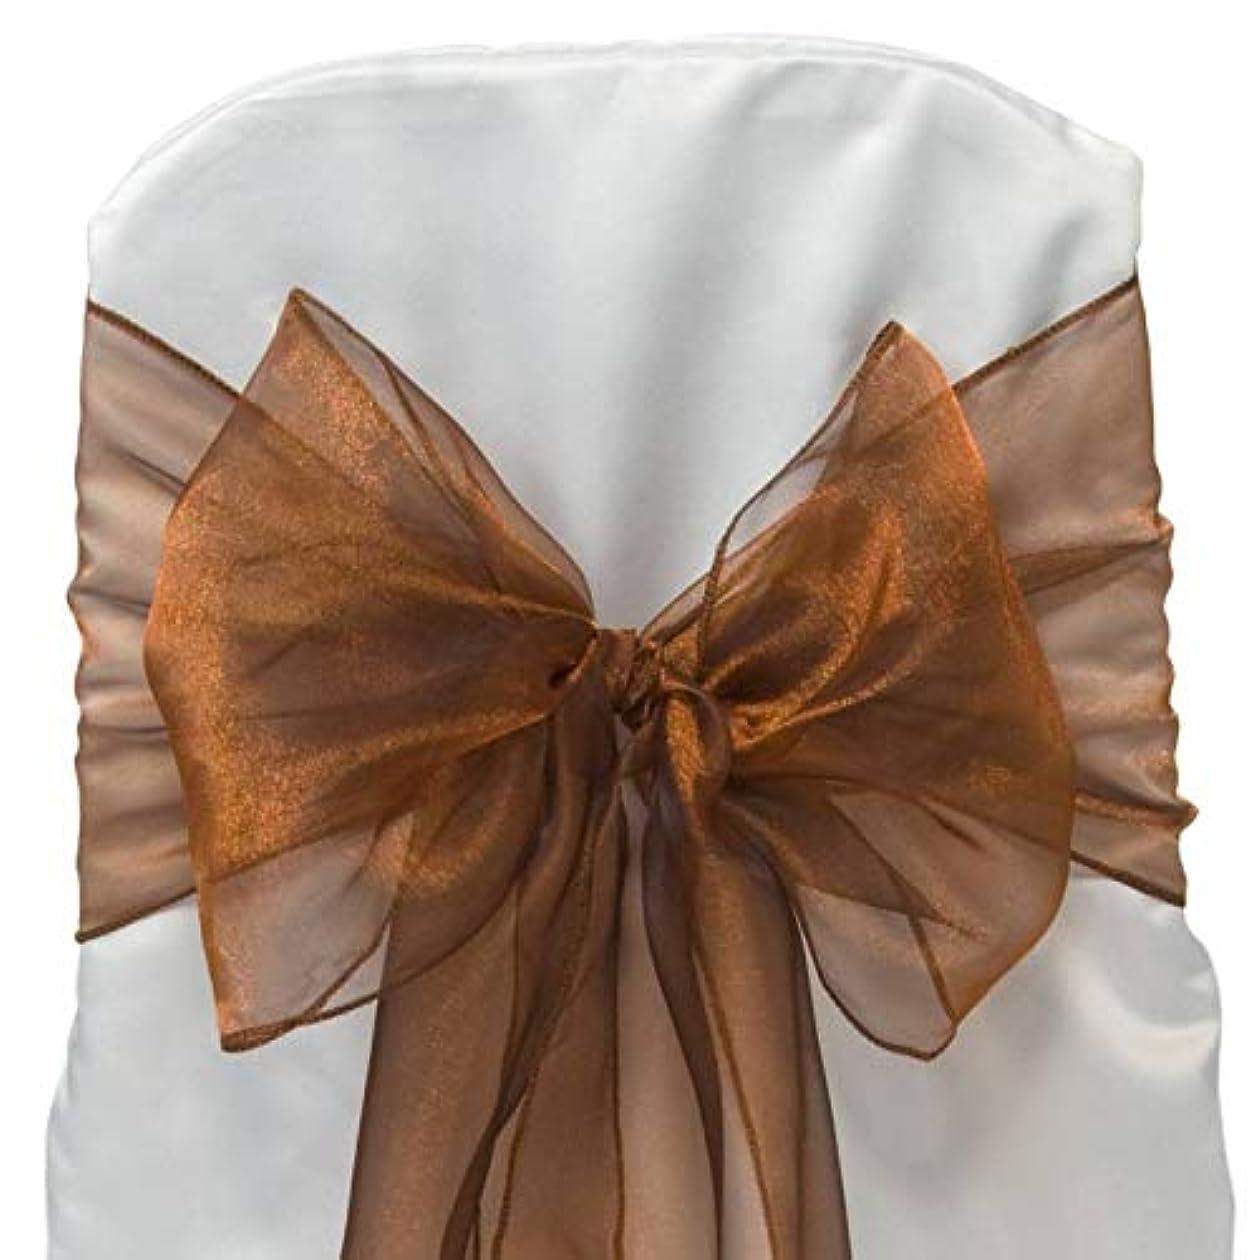 ブレスジュラシックパーク常にMDSのパック300オーガンザ椅子サッシ/リボンの結婚やイベント宴会装飾椅子サッシ弓サッシ30以上の色 ゴールド 300 _organza _ Bronze